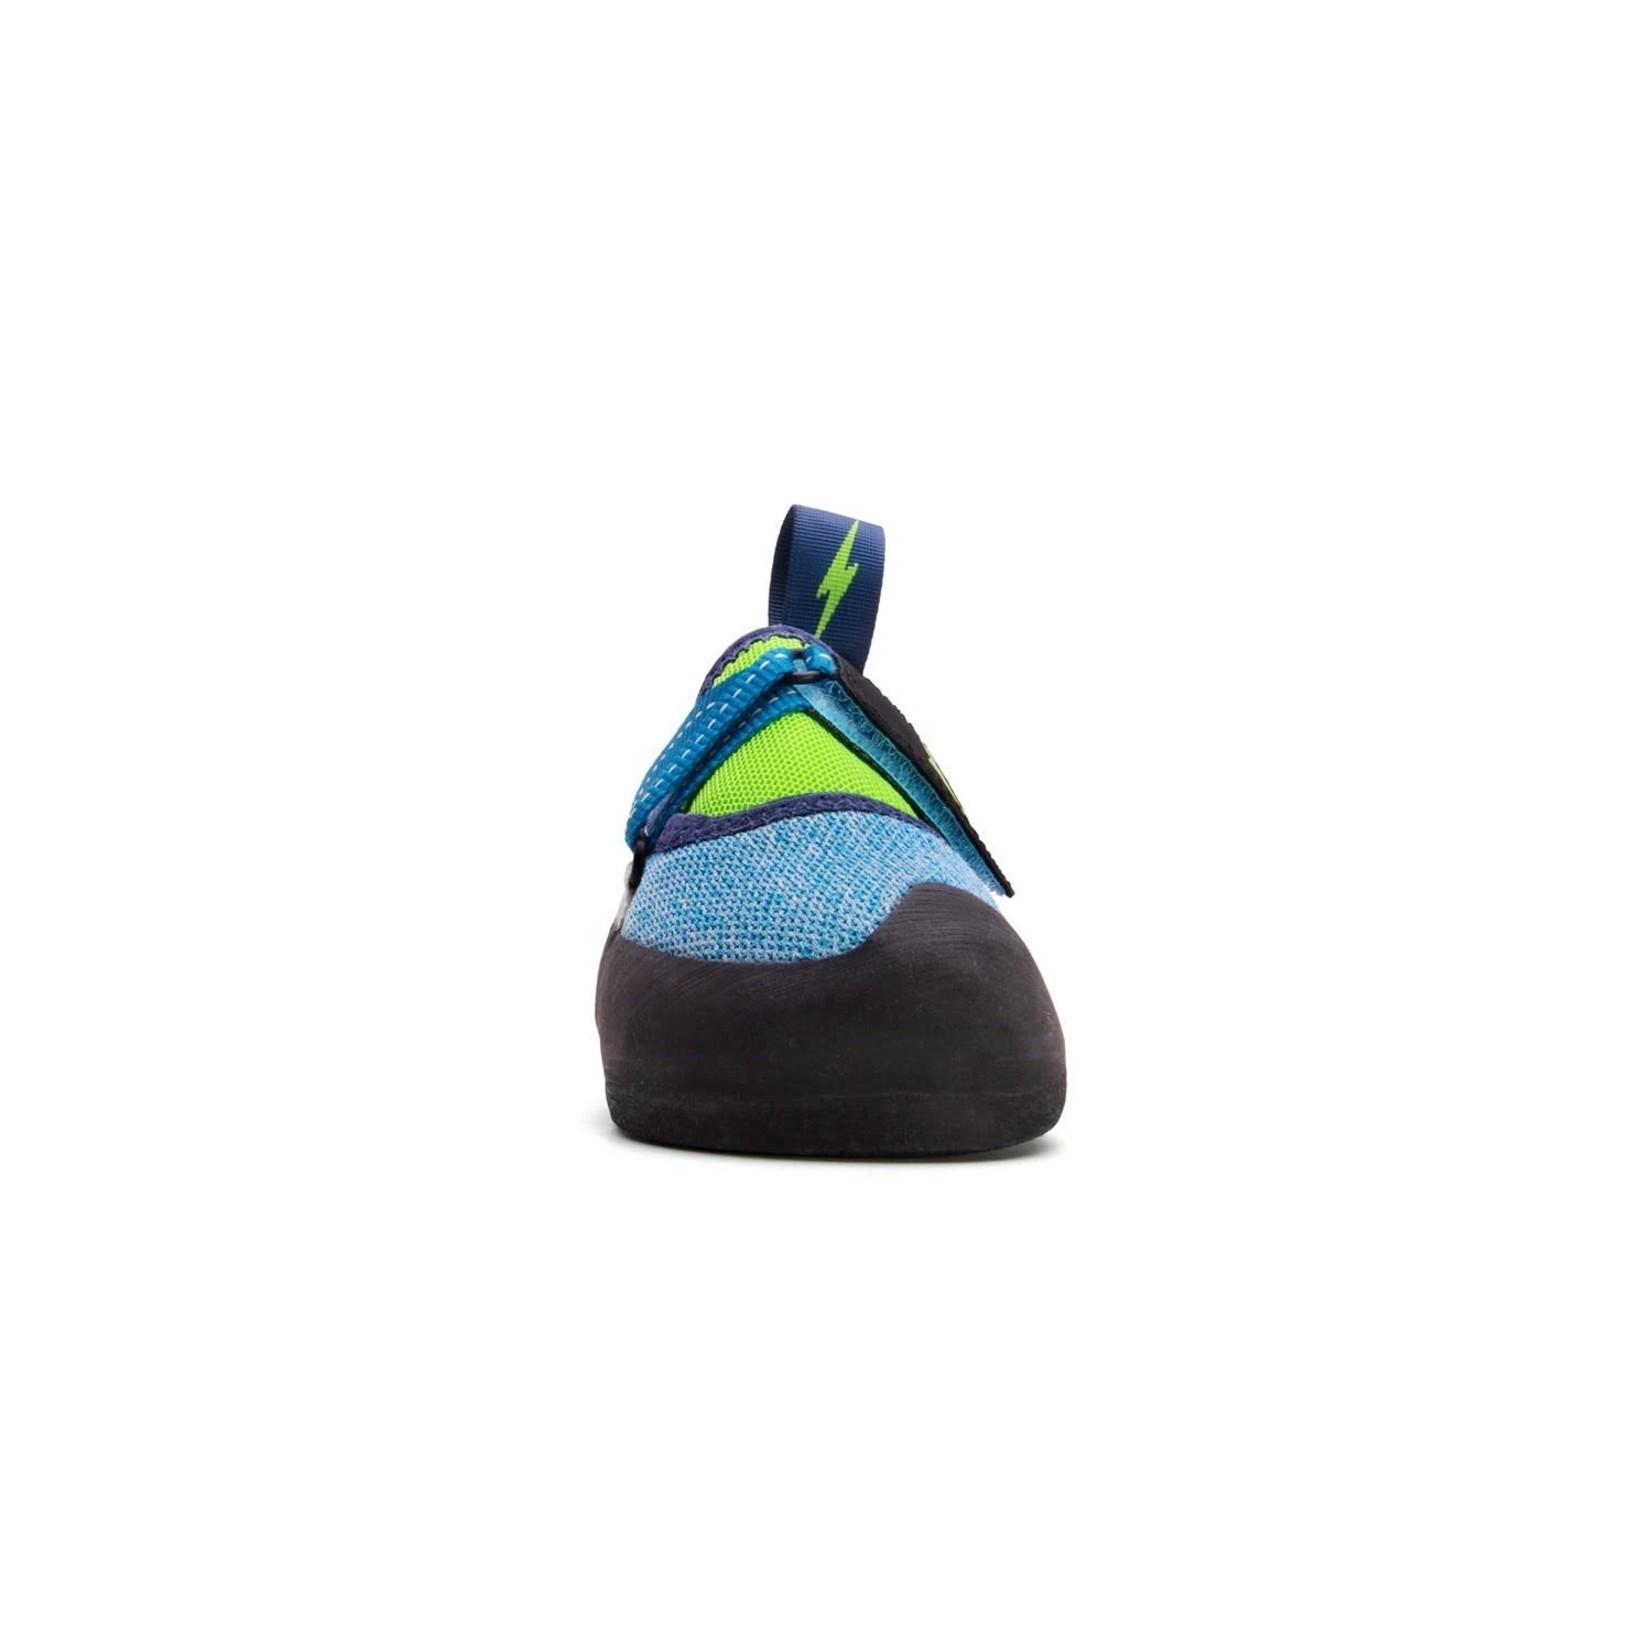 Evolv Evolv Venga Kids Rock Climbing Shoes